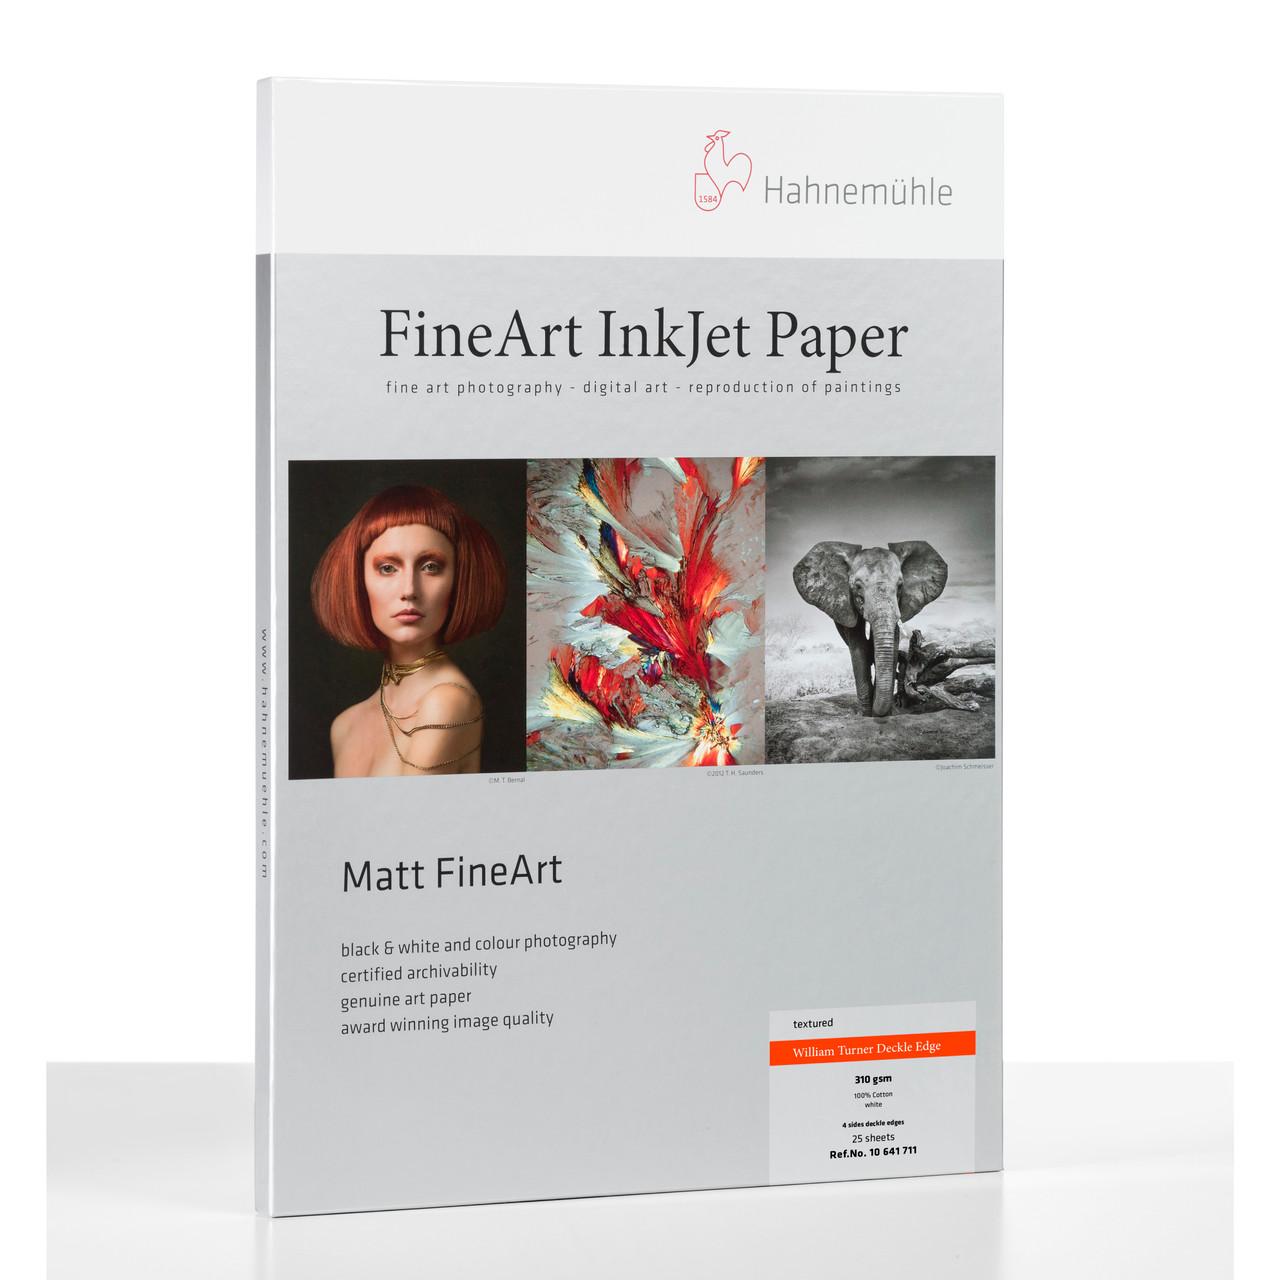 HAHNEMÜHLE WILLIAM TURNER MATT FINE ART PAPER - DECKLE EDGE (25 SHEETS)